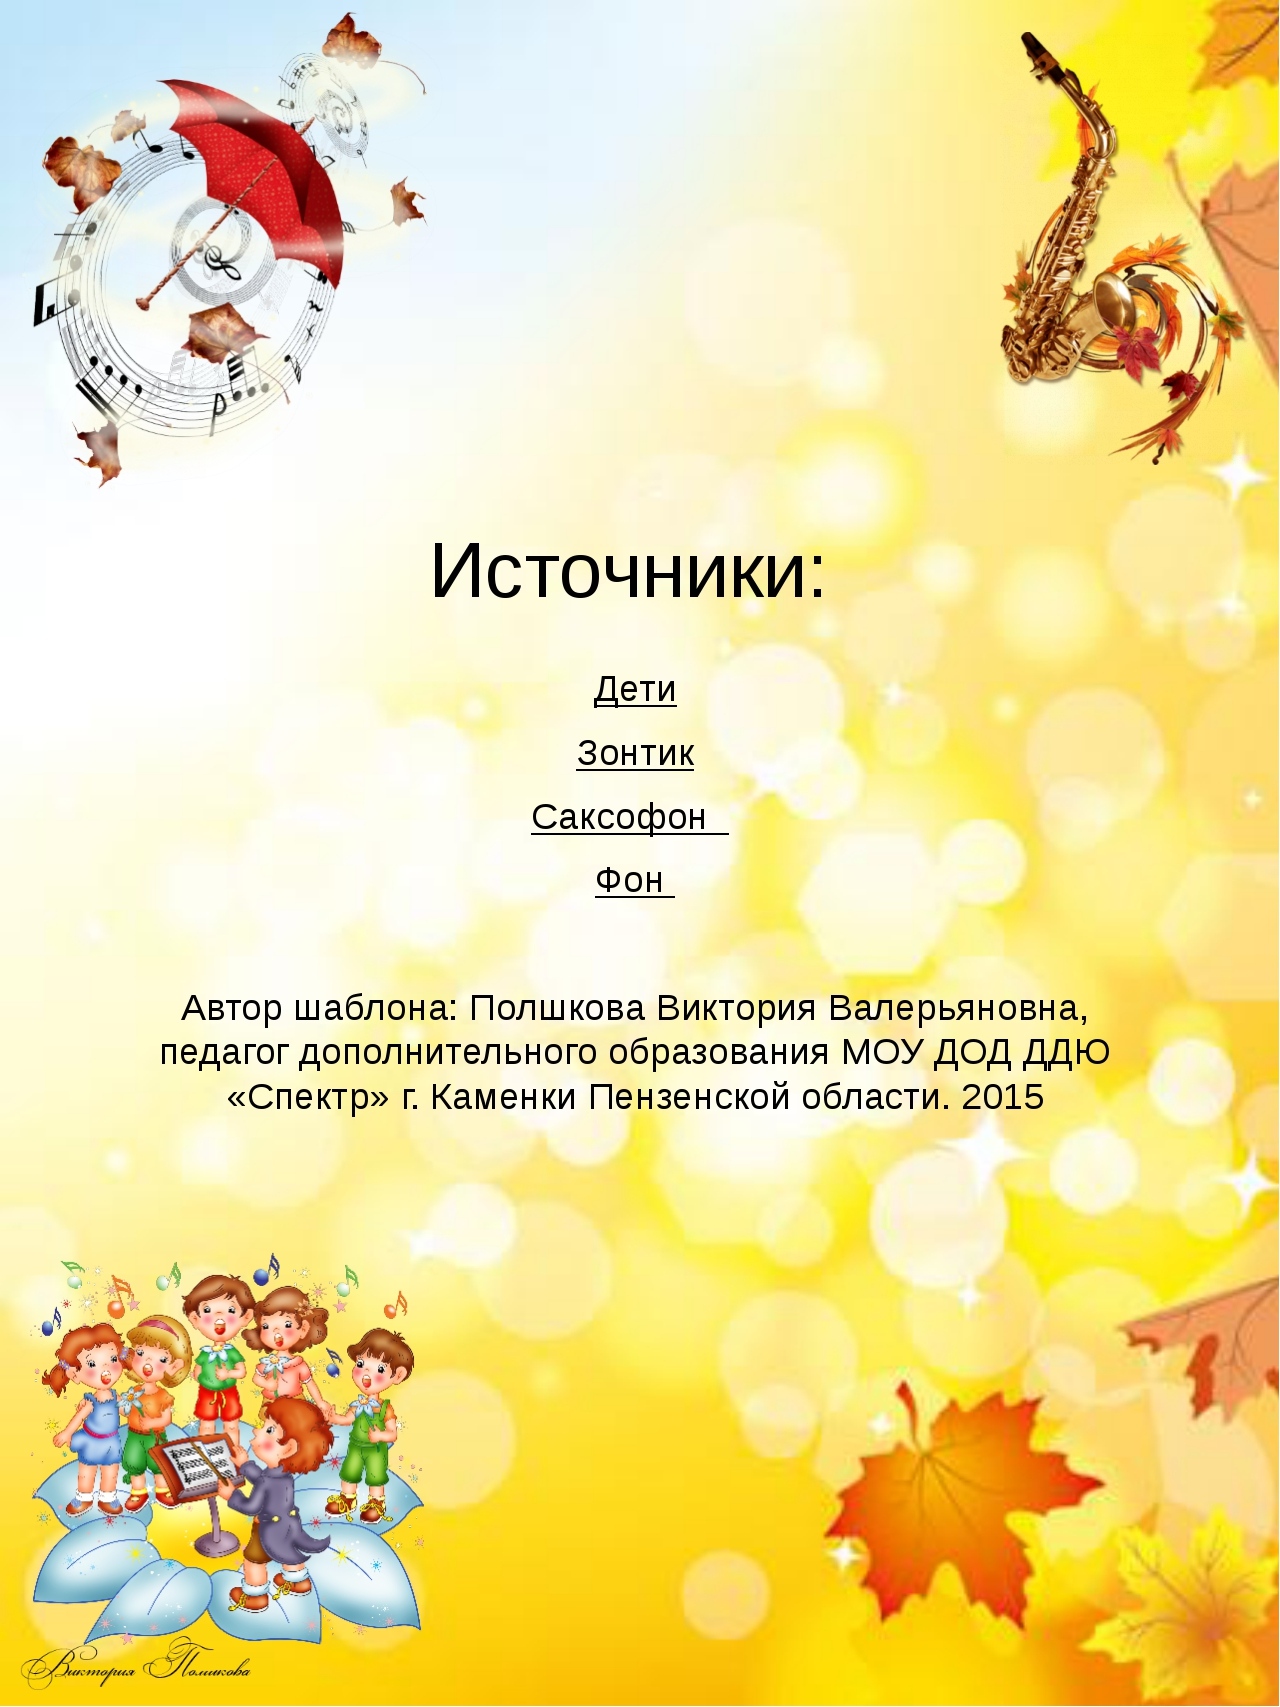 Источники: Дети Зонтик Саксофон Фон Автор шаблона: Полшкова Виктория Валерьян...